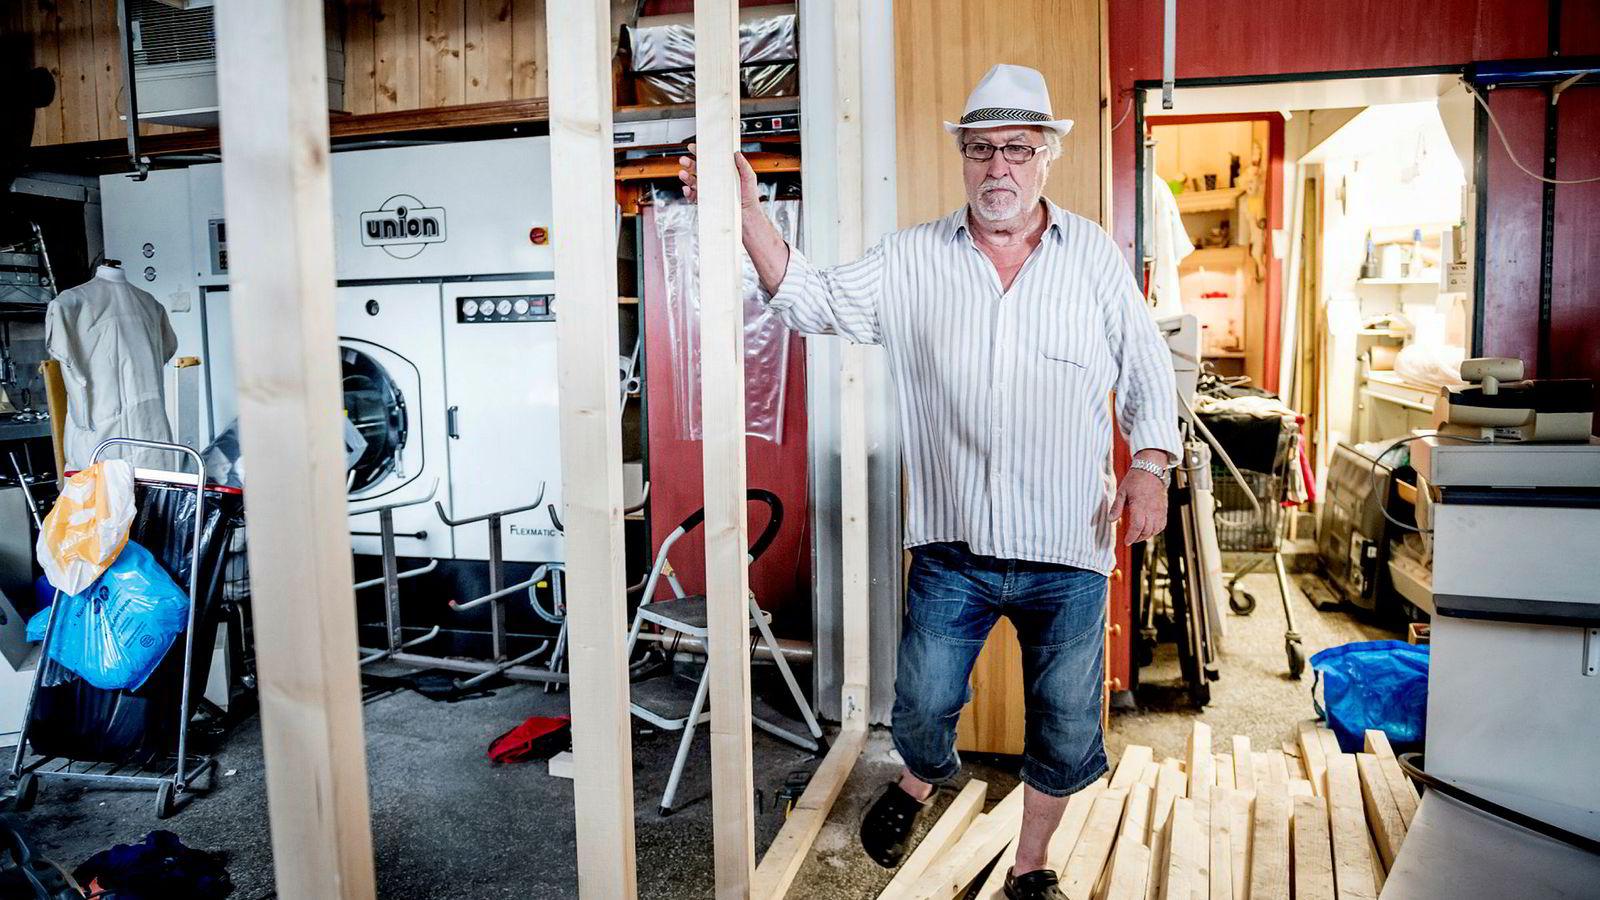 Odd Finsberg drev Oslos eldste renseri, Volvat renseri på Majorstuen. Da han kom hjem fra sommerferie var lokalene blitt stengt av eieren, Lime-kjøpmannen Ali Asghar. Klær fra kunder og maskiner var stuet vekk og snekkere var i gang med å bygge om lokalene.